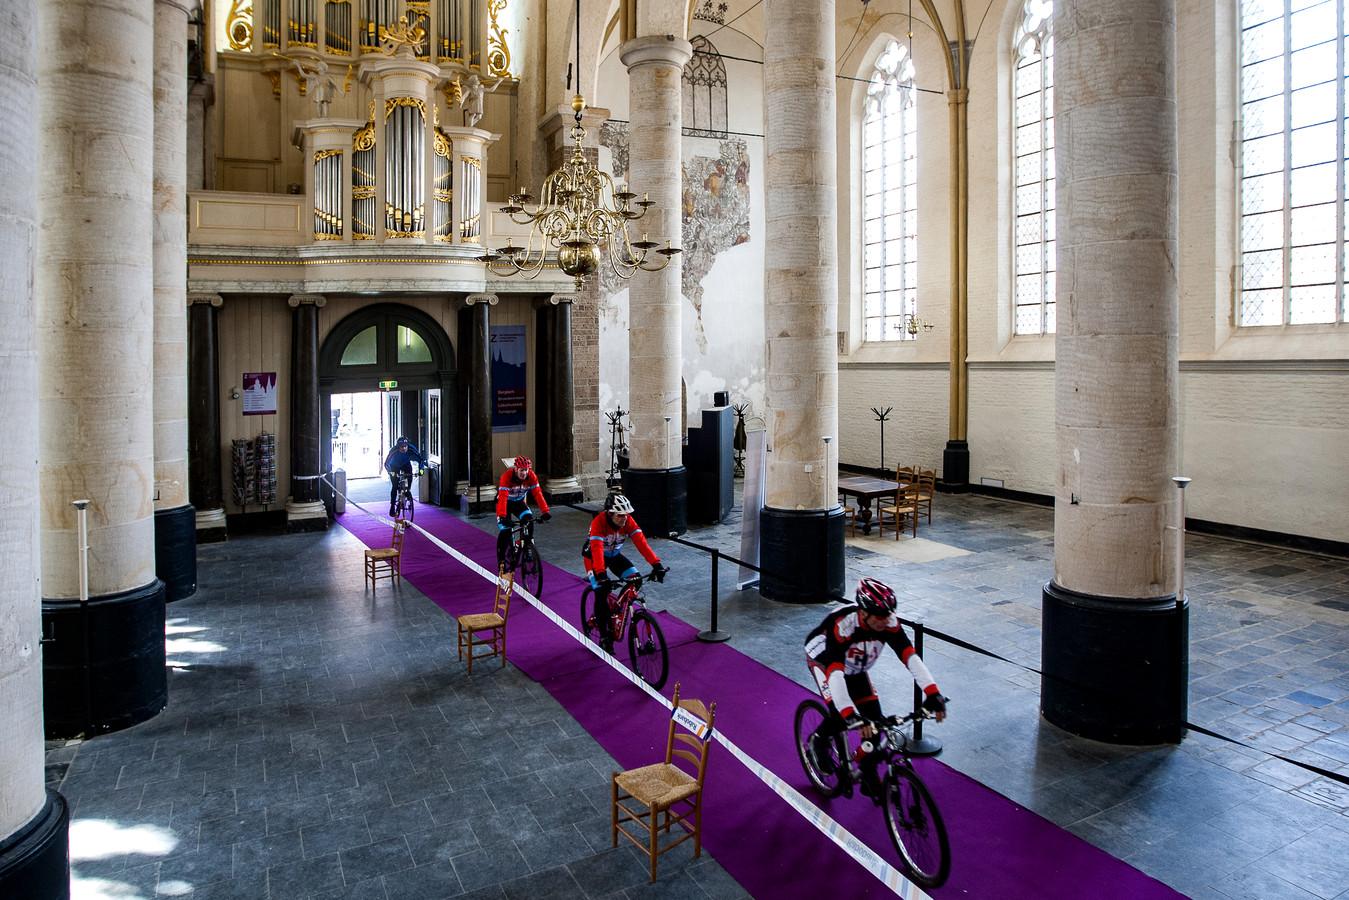 Beeld van de eerste editie van de Ronde van Vedett, waarbij de koers dwars door de Bergkerk ging.